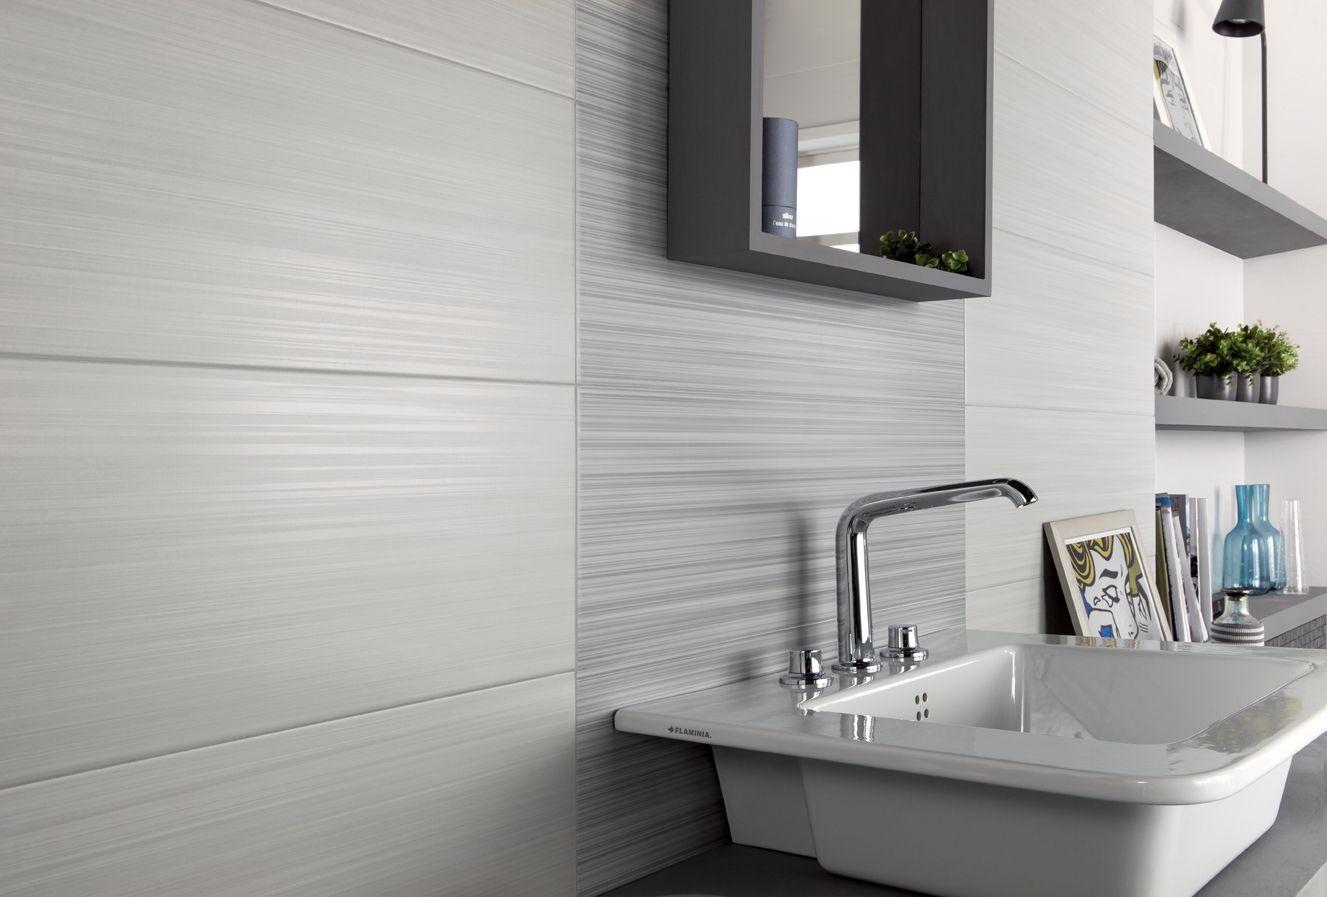 Piastrelle bagno linea dress up dettaglio decoro stripes piastrellebagno grescollection - Bucare piastrelle bagno ...